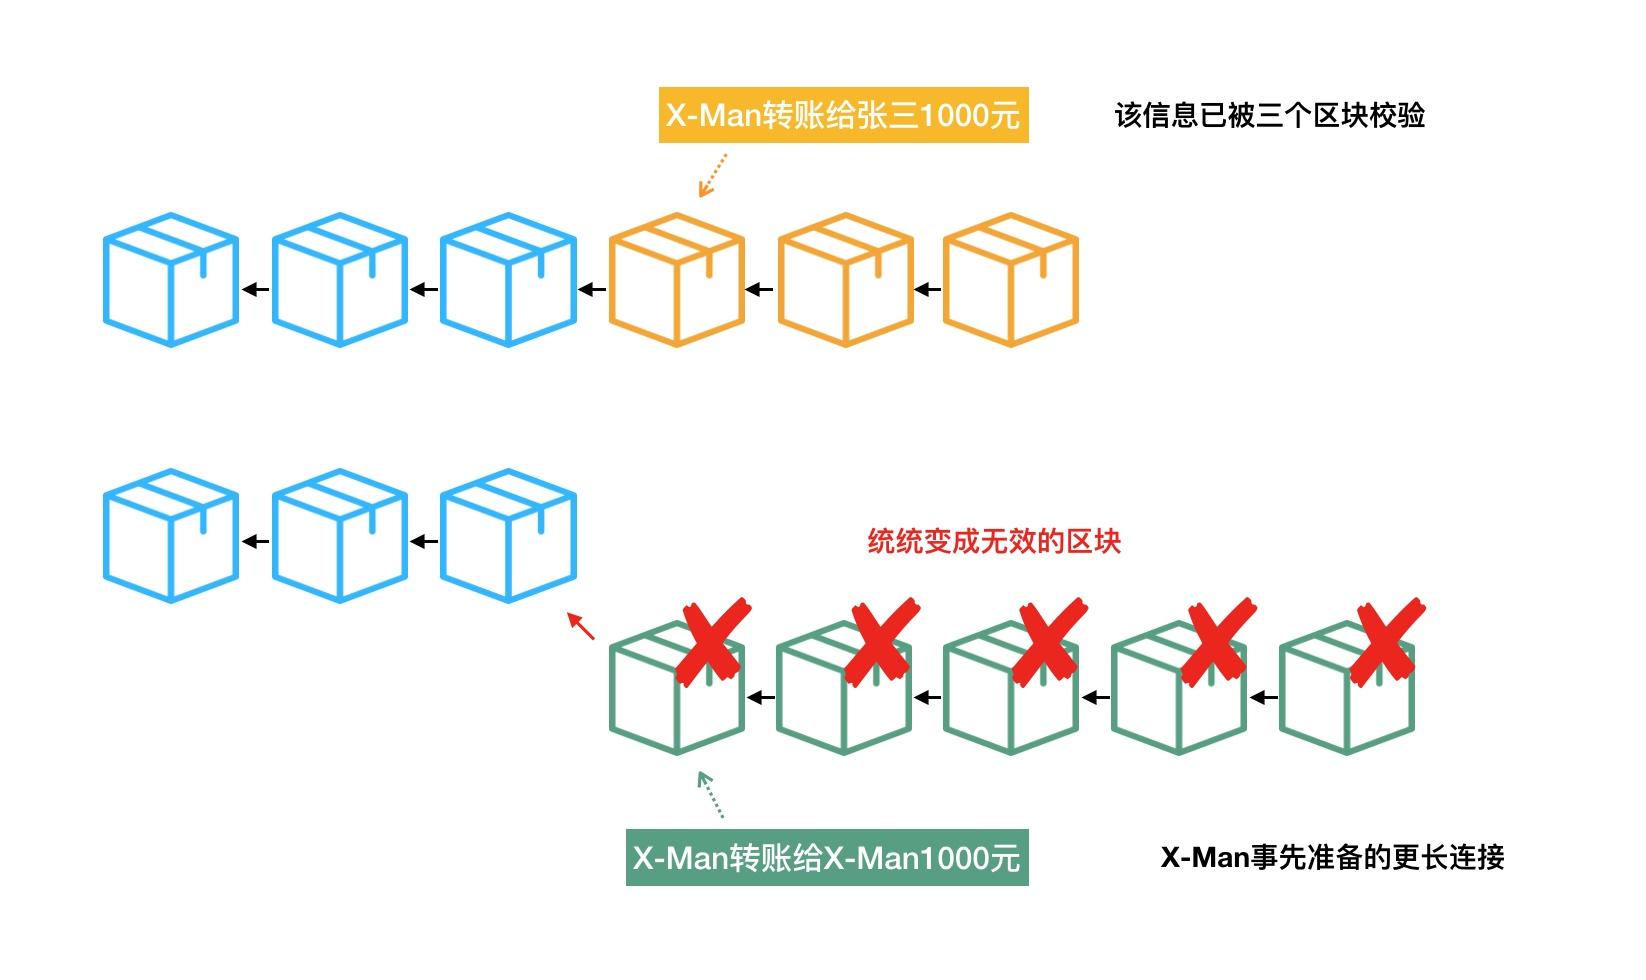 区块链是什么,如何简单易懂地介绍区块链?--截至目前最好最前面的一篇介绍!